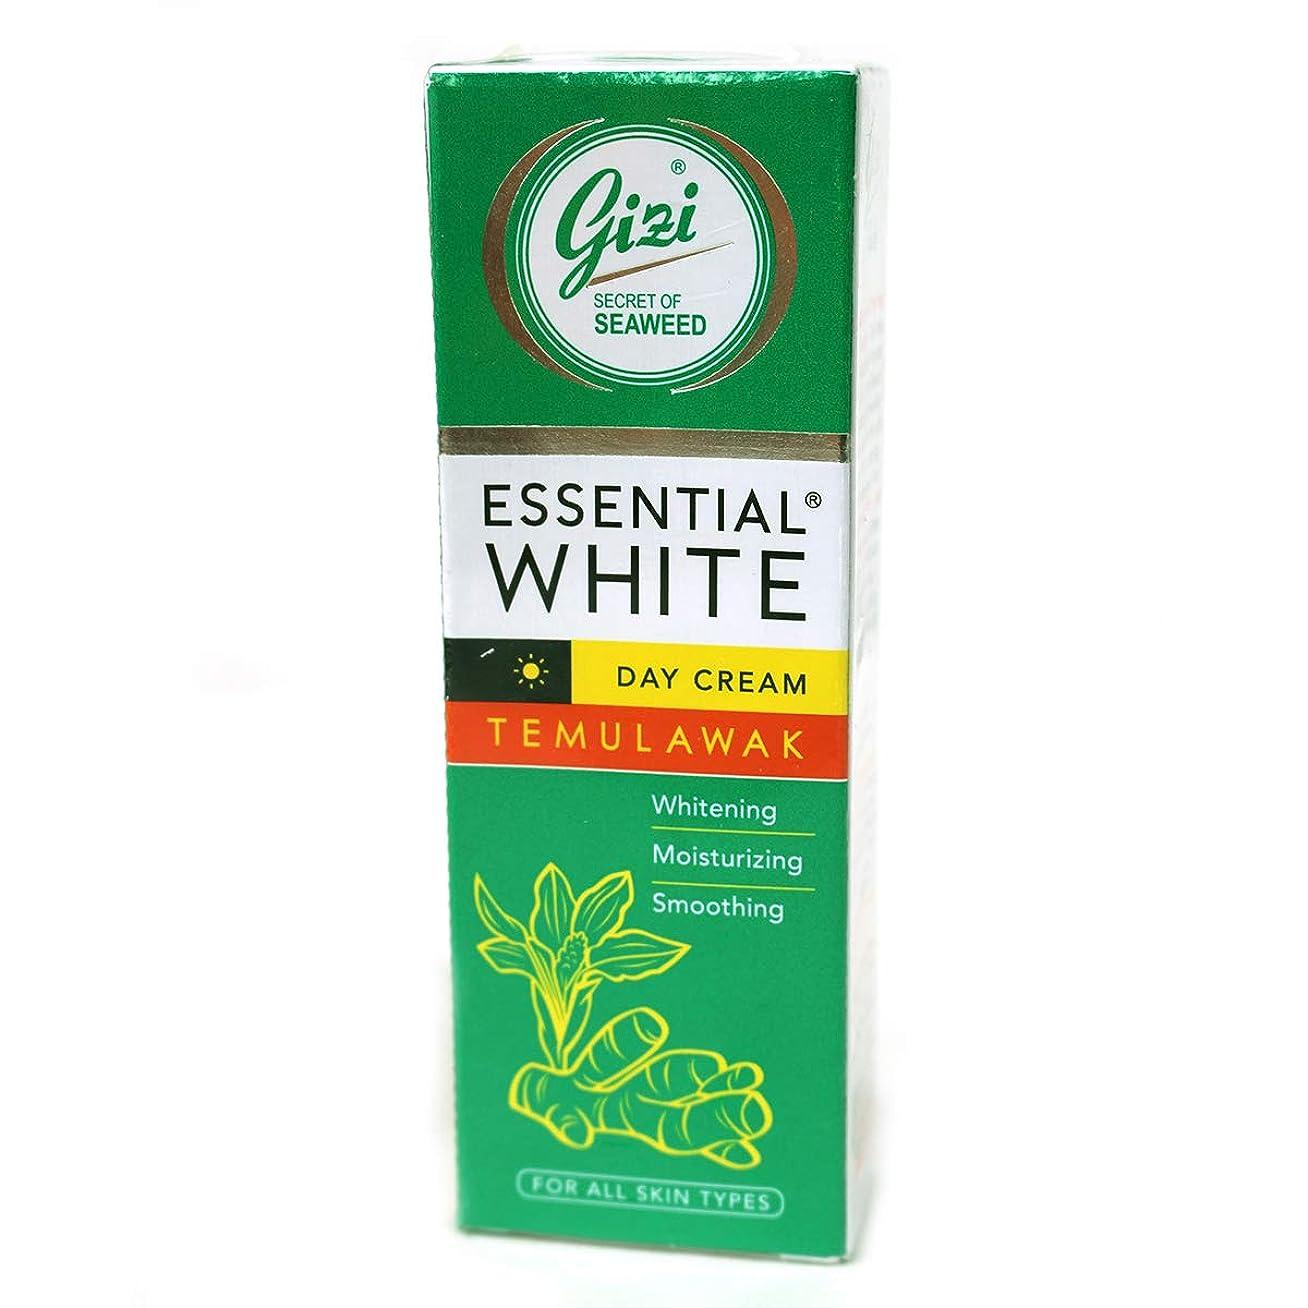 ルートウォルターカニンガムコアギジ gizi Essential White 日中用スキンケアクリーム チューブタイプ 18g テムラワク ウコン など天然成分配合 [海外直送品]